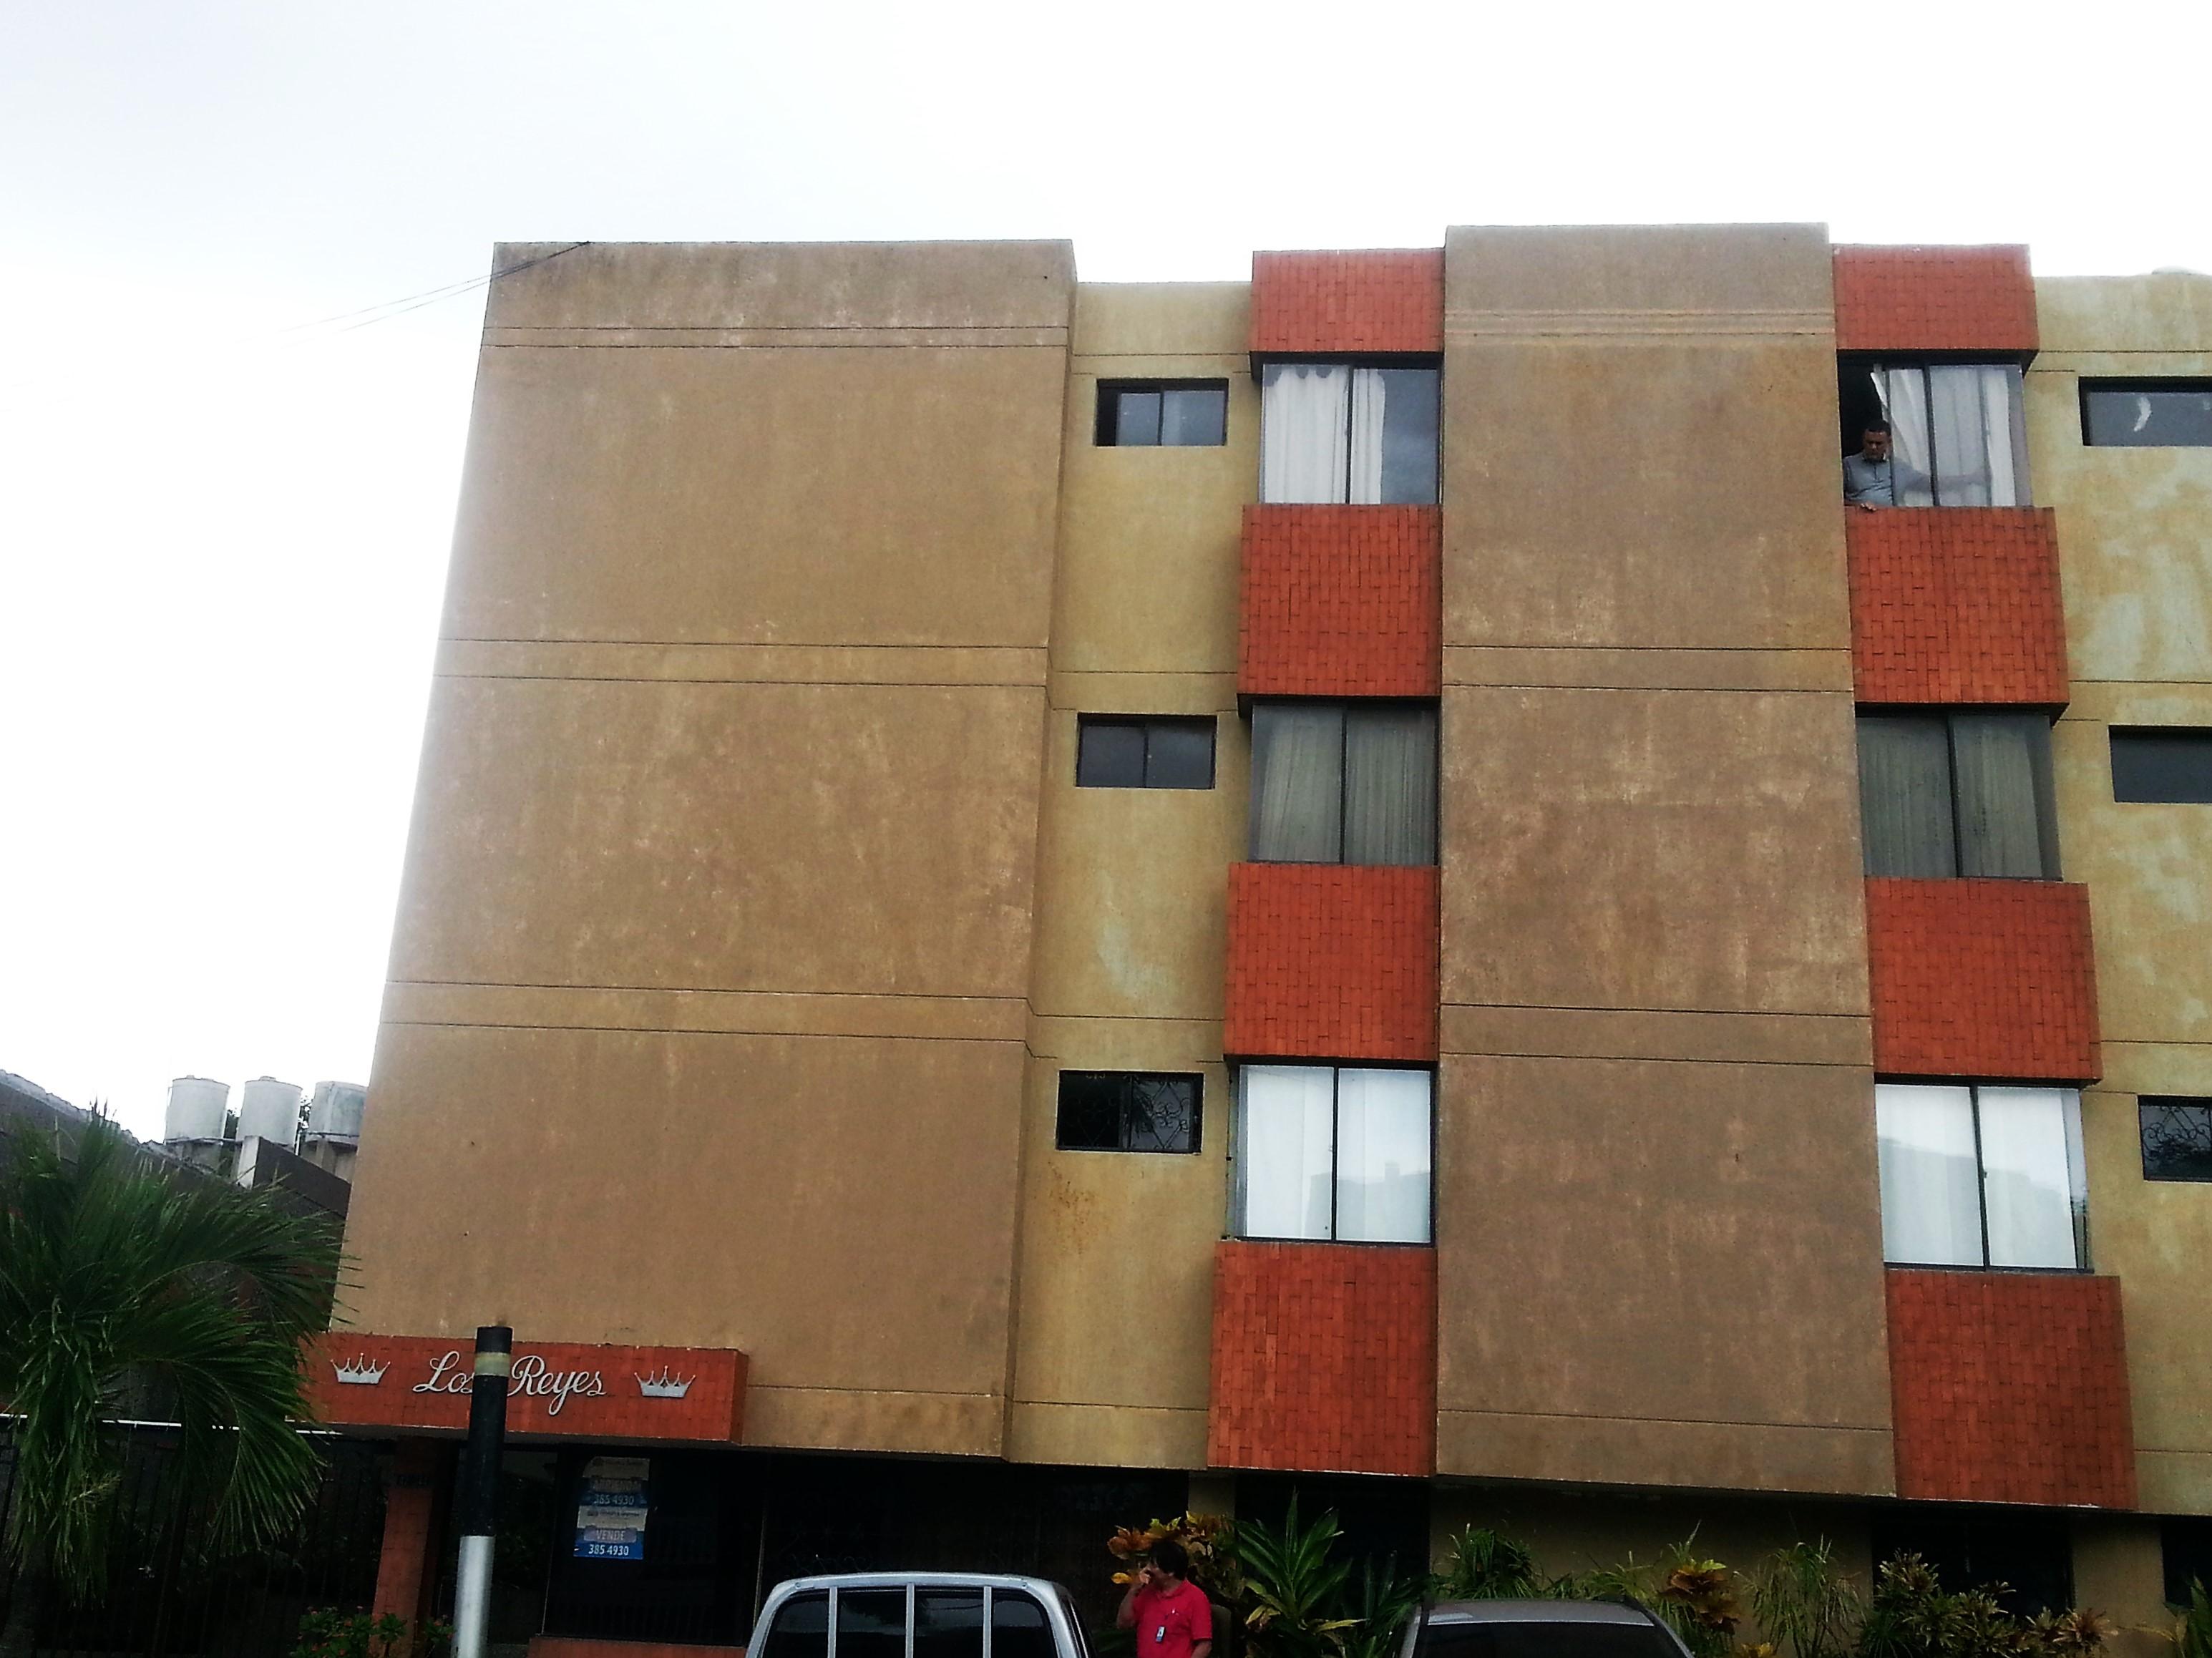 Venta de apartamento en barranquilla goplaceit for Barrio ciudad jardin barranquilla